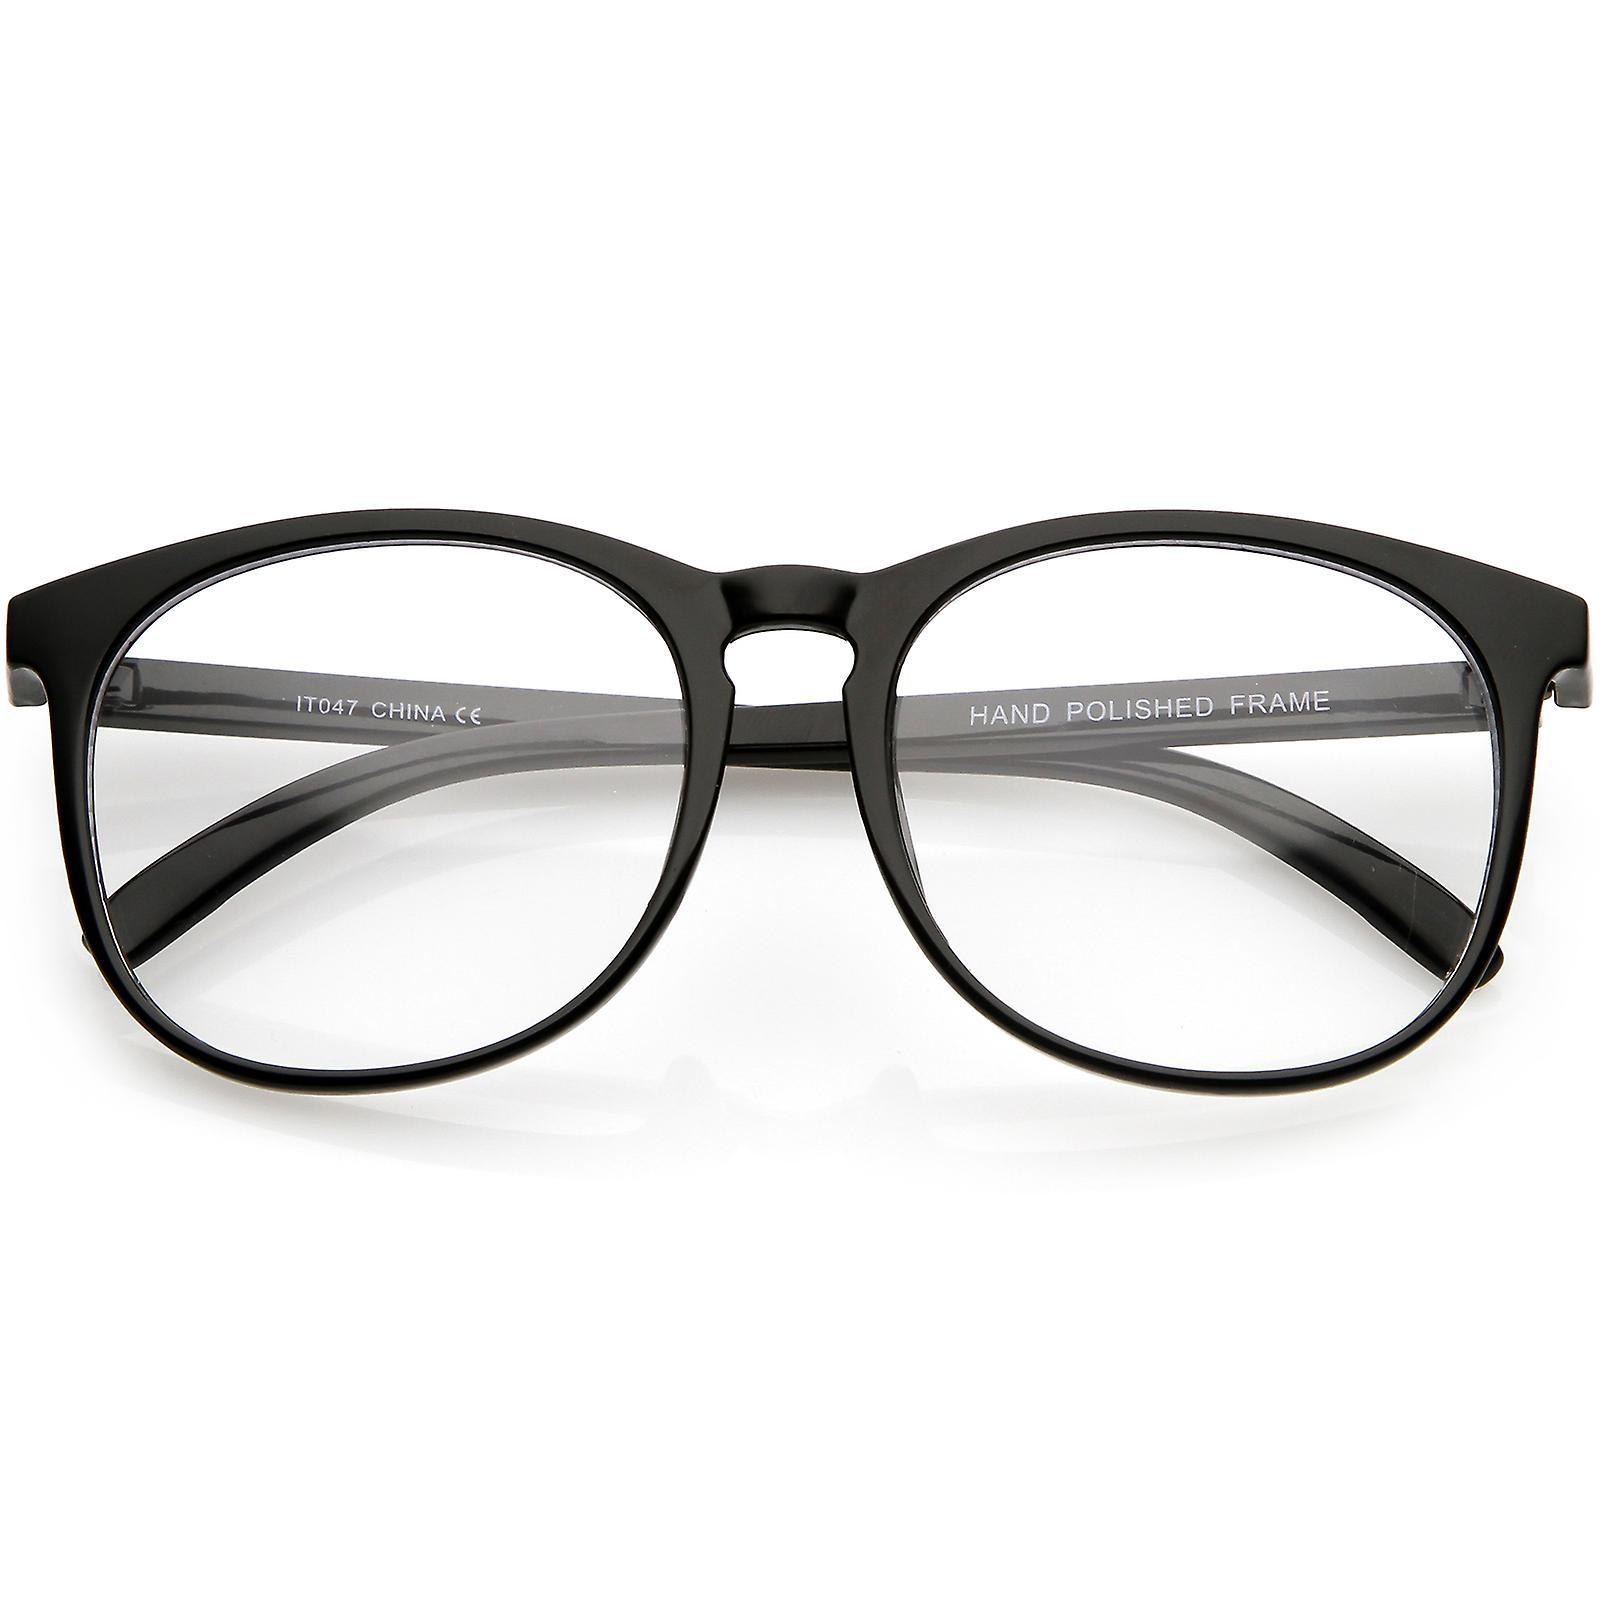 69d5c2614 Firkantede læsebriller